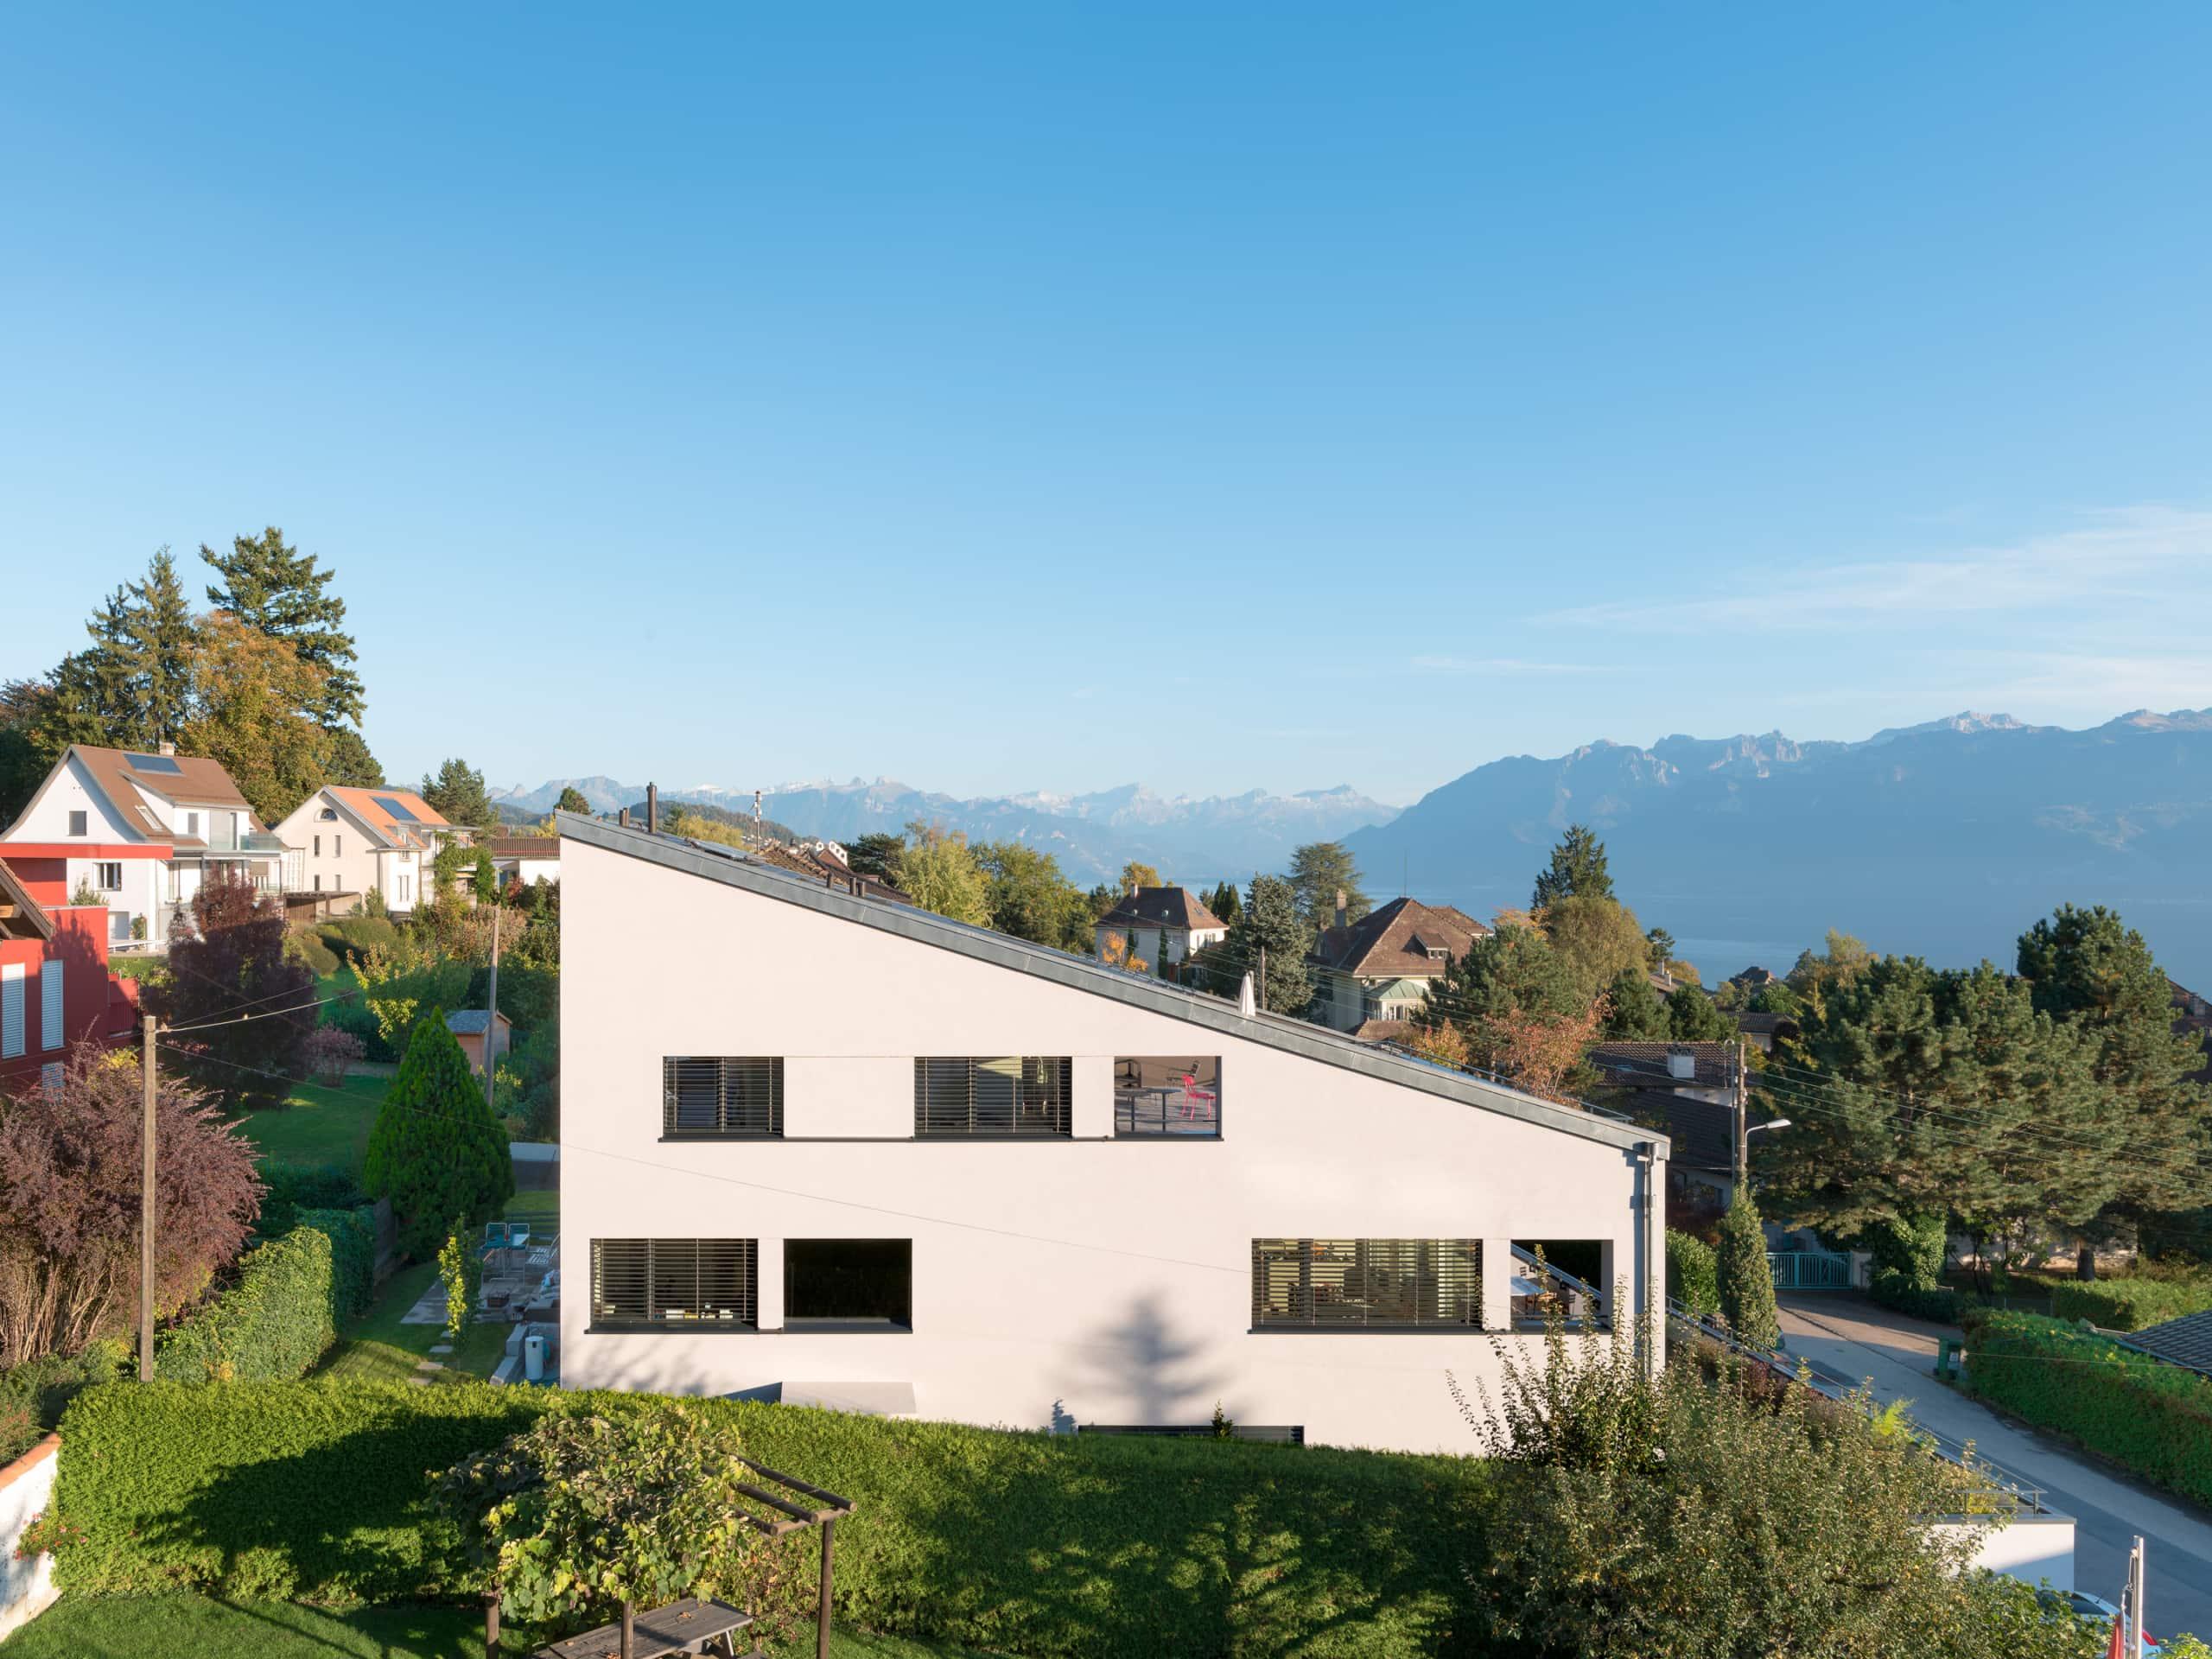 maison avec toit se confondant aux Alpes